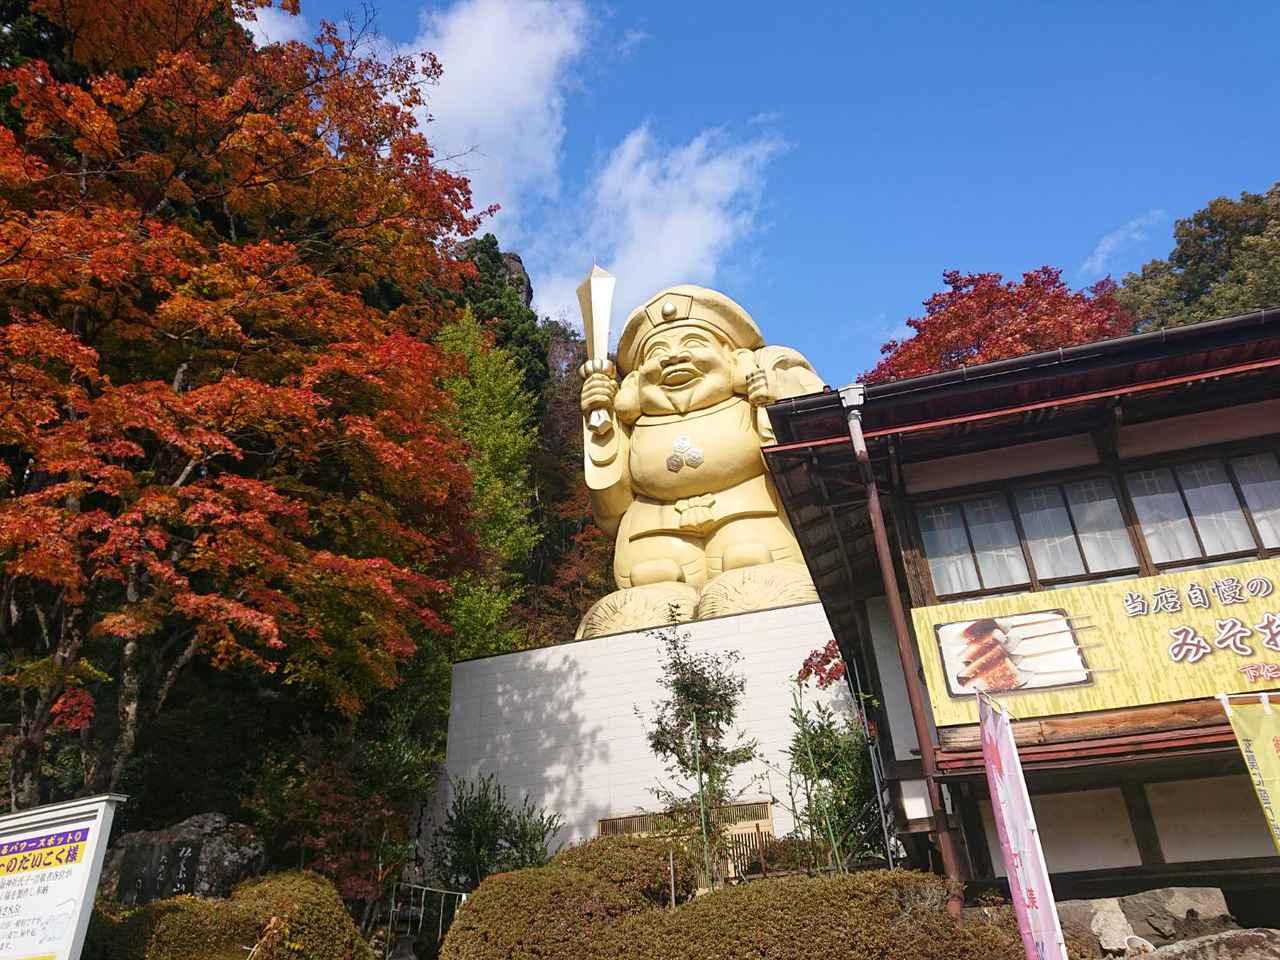 画像: 中之嶽神社にいらっしゃる日本一のだいこく様